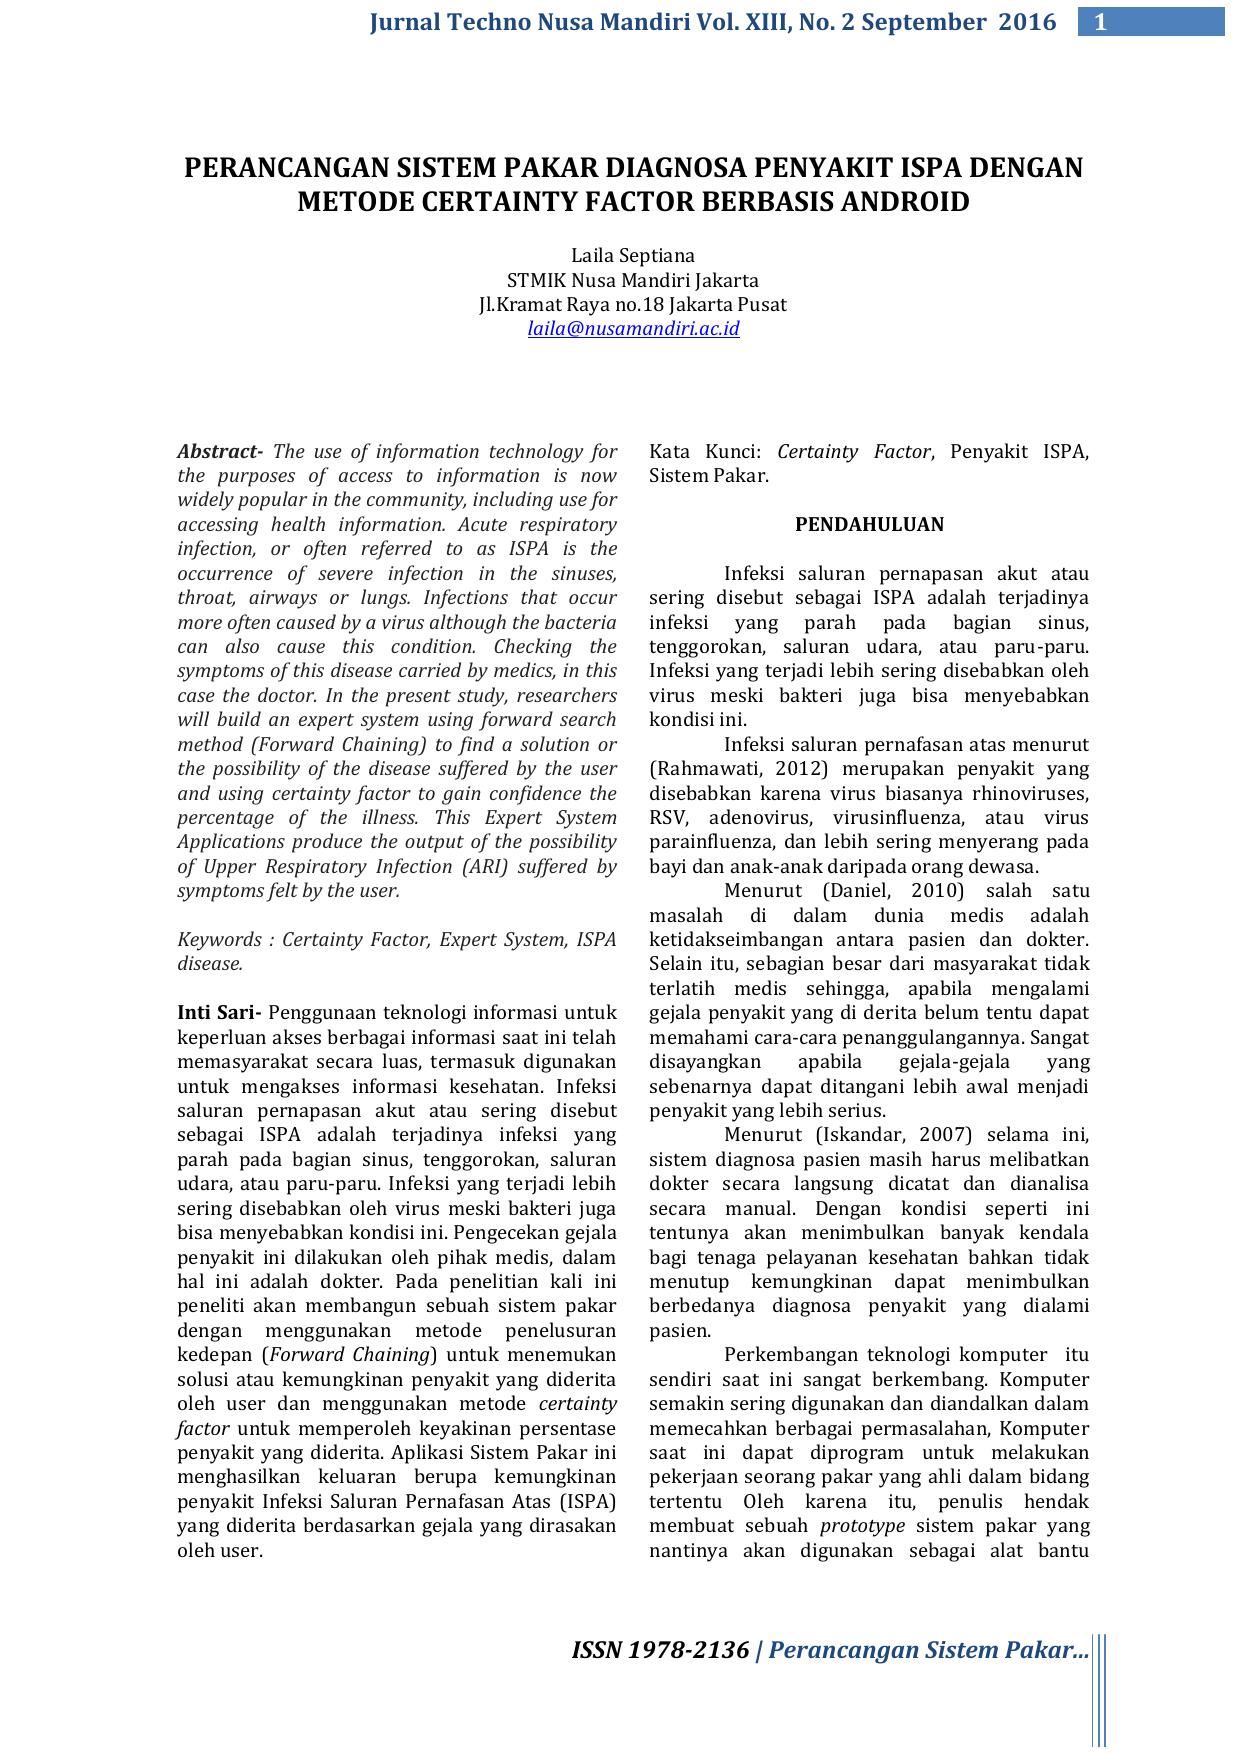 Perancangan Sistem Pakar Diagnosa Penyakit Ispa E